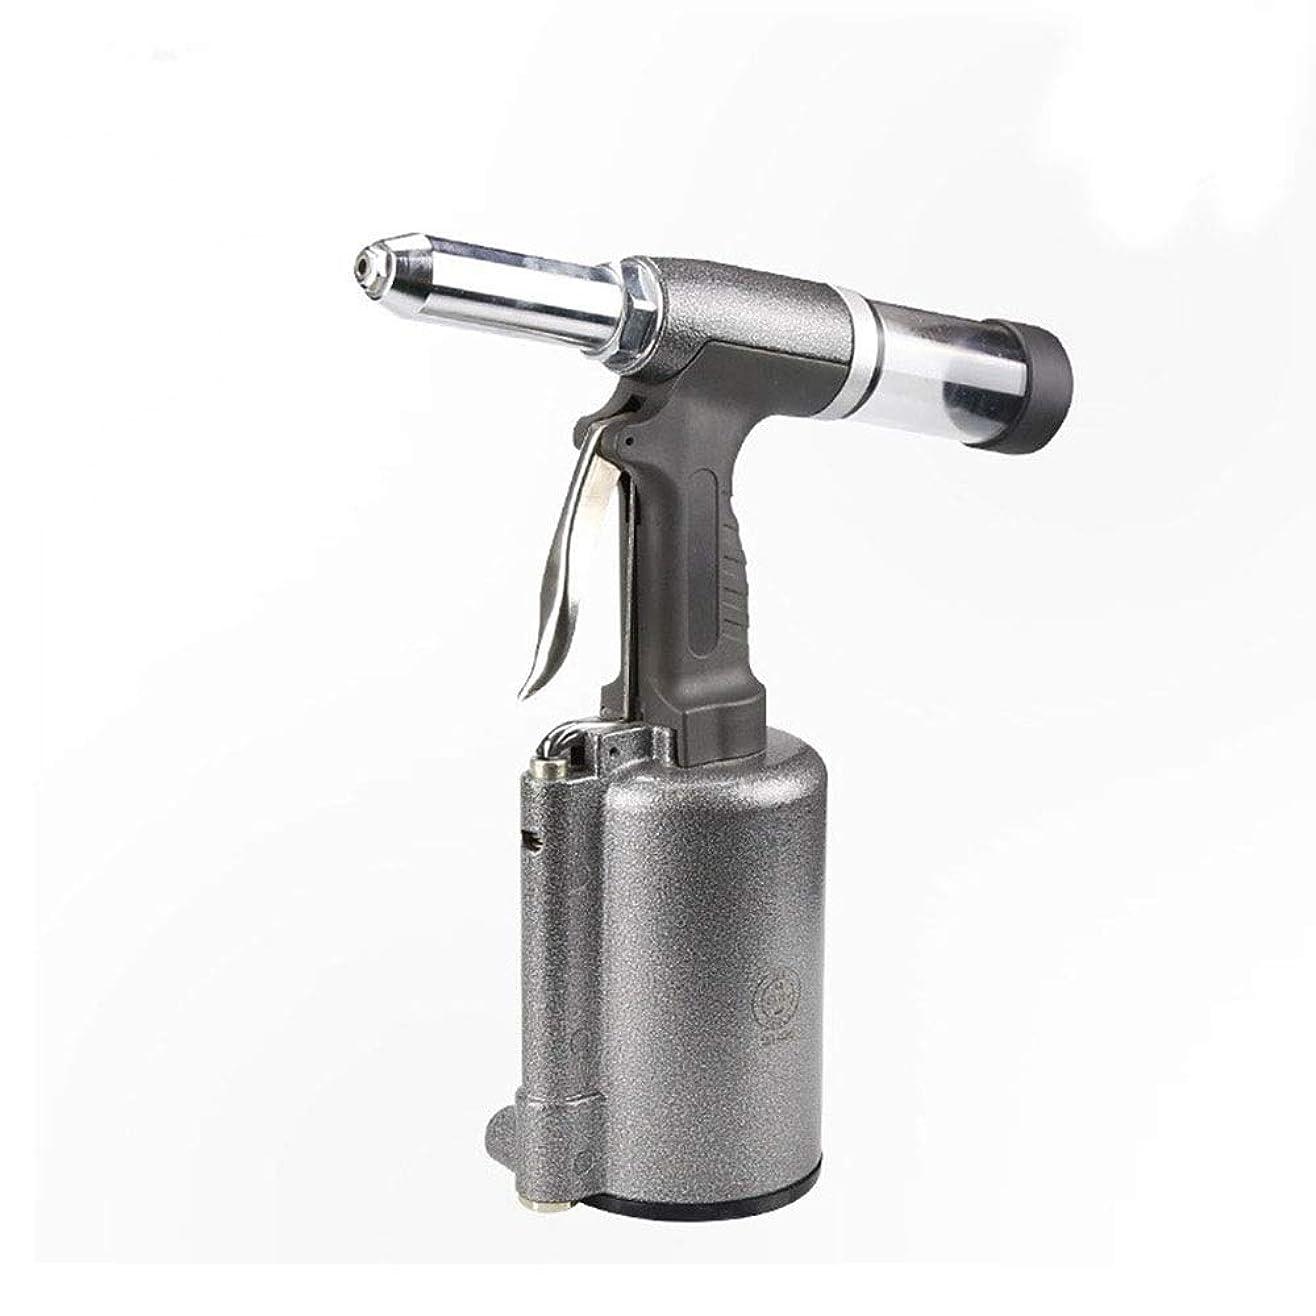 子供っぽいなかなか宿るエア工具 空気圧リベットガン、SN-813リベットガン標準工業用グレードハンドツール 空気圧ツール